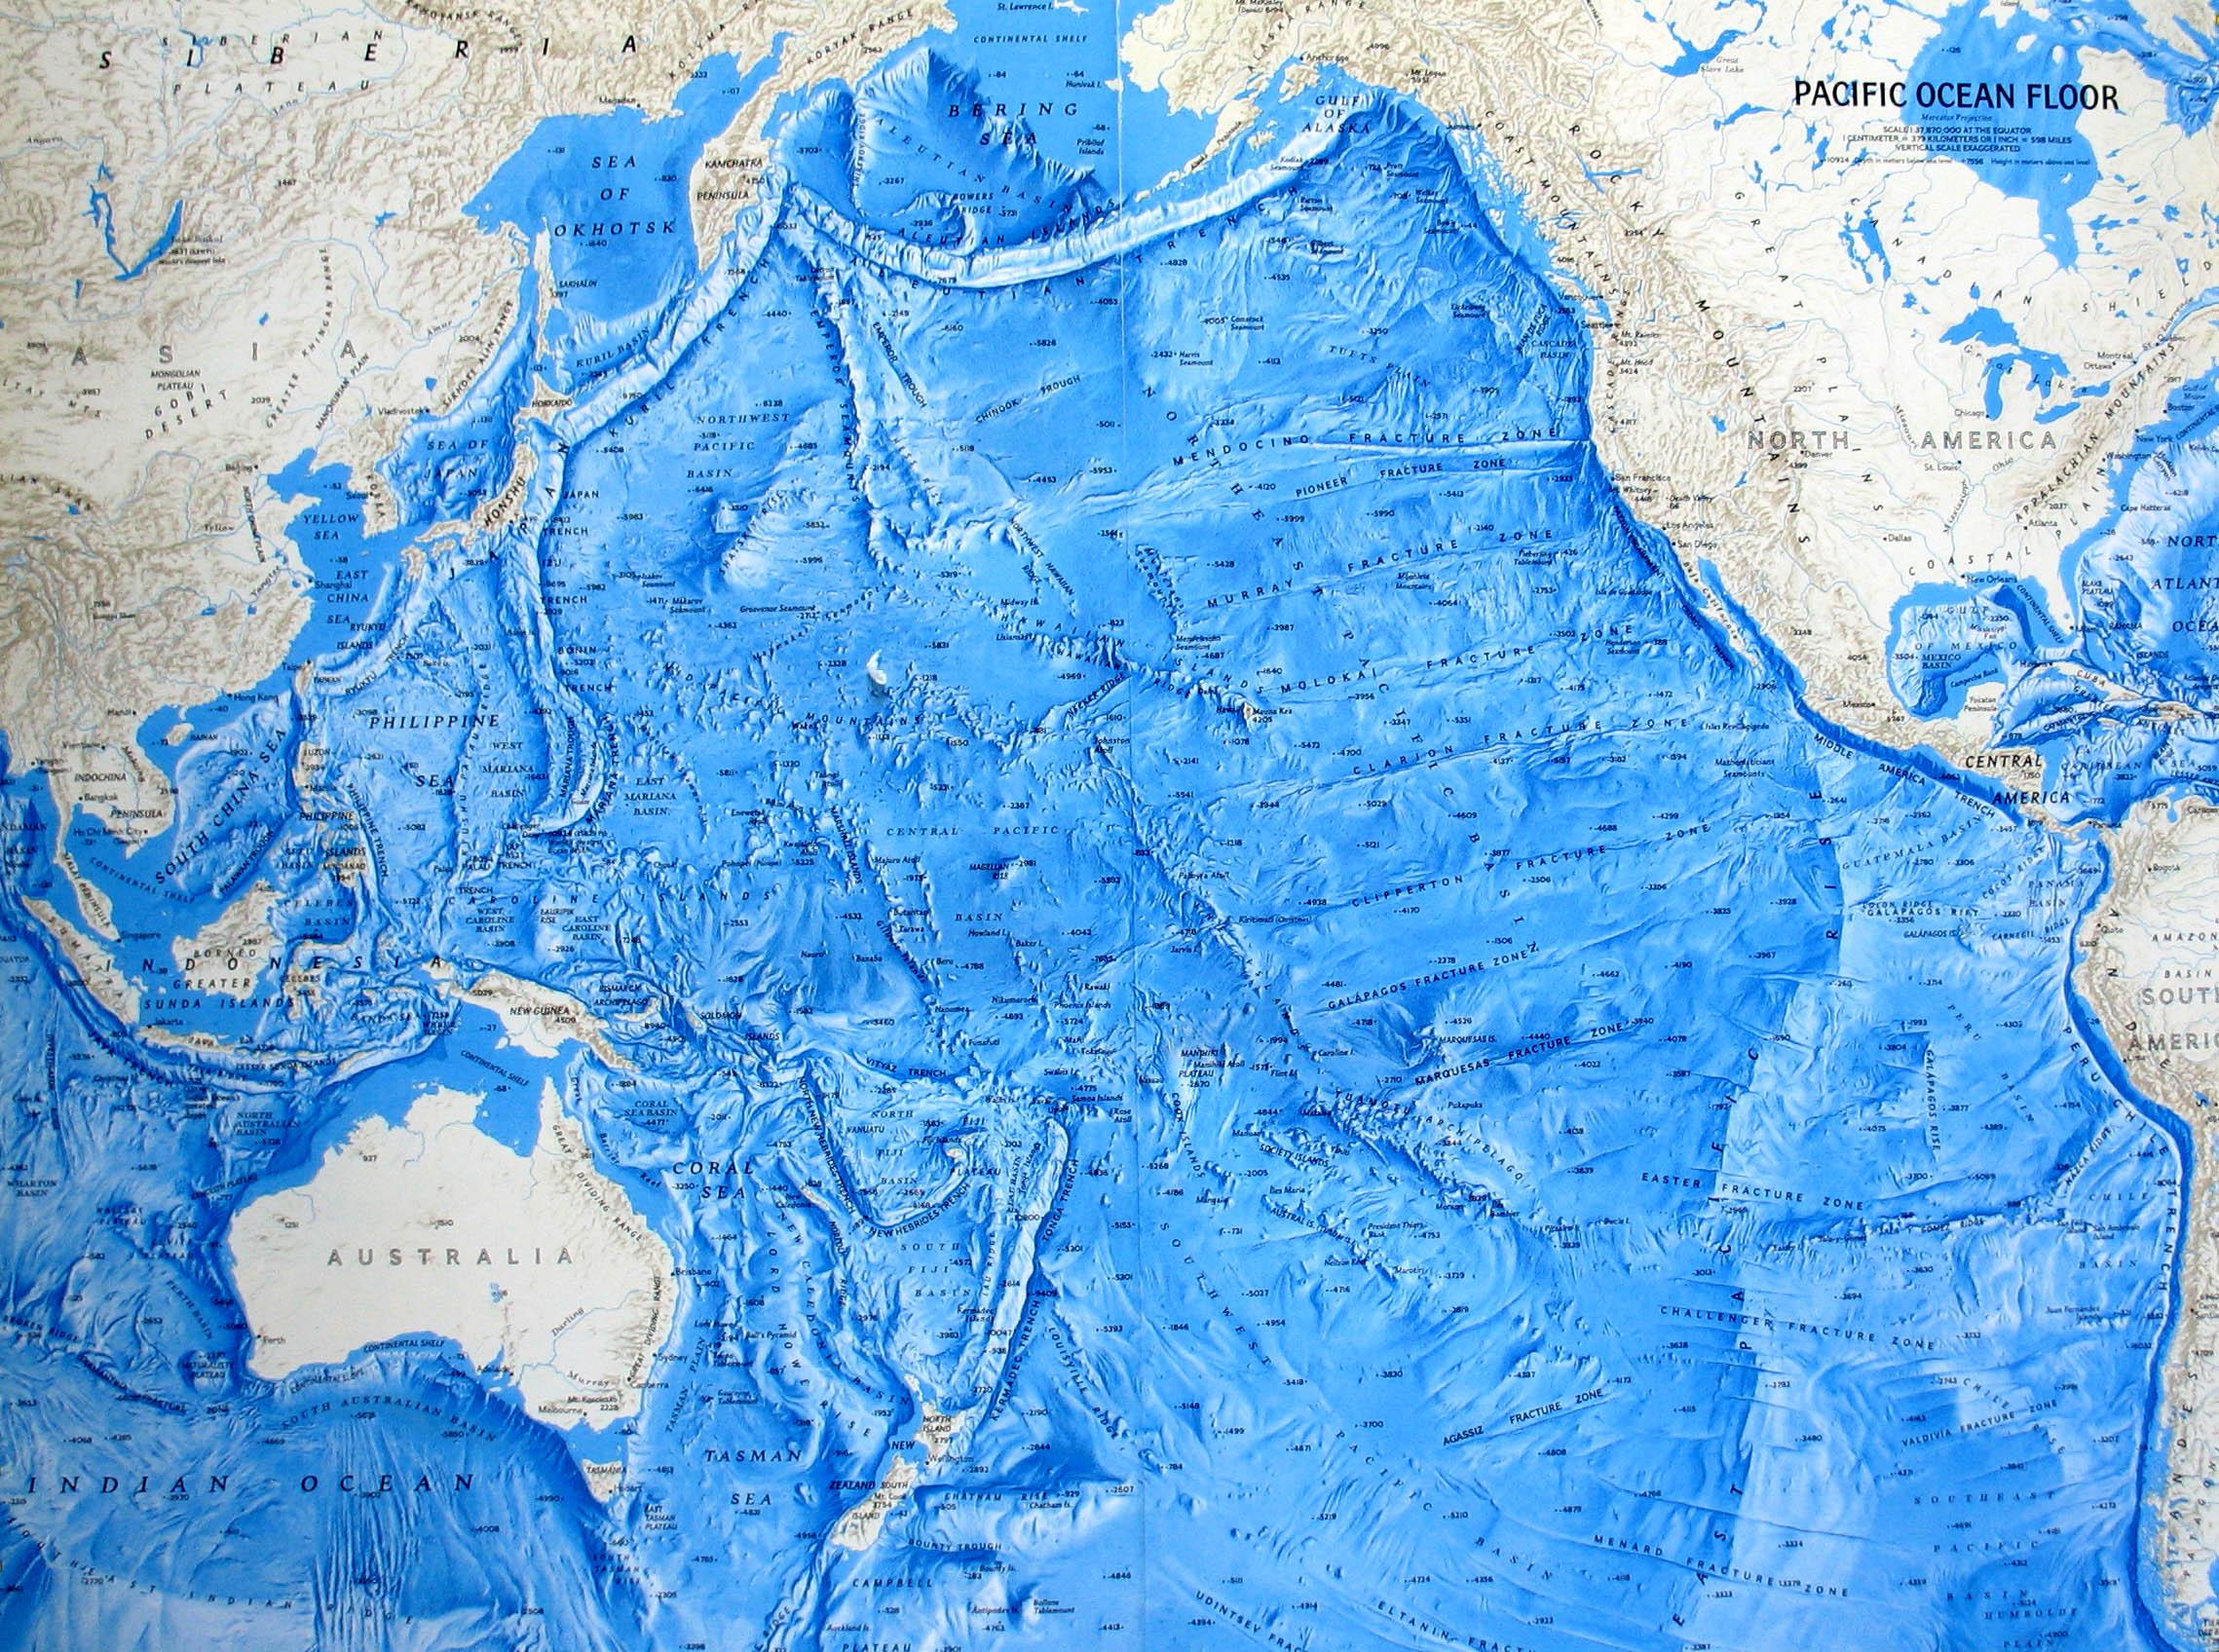 Pacific Ocean Map Relief Of The Oceanic Floor CosmoLearning - Us Map Pacific Ocean